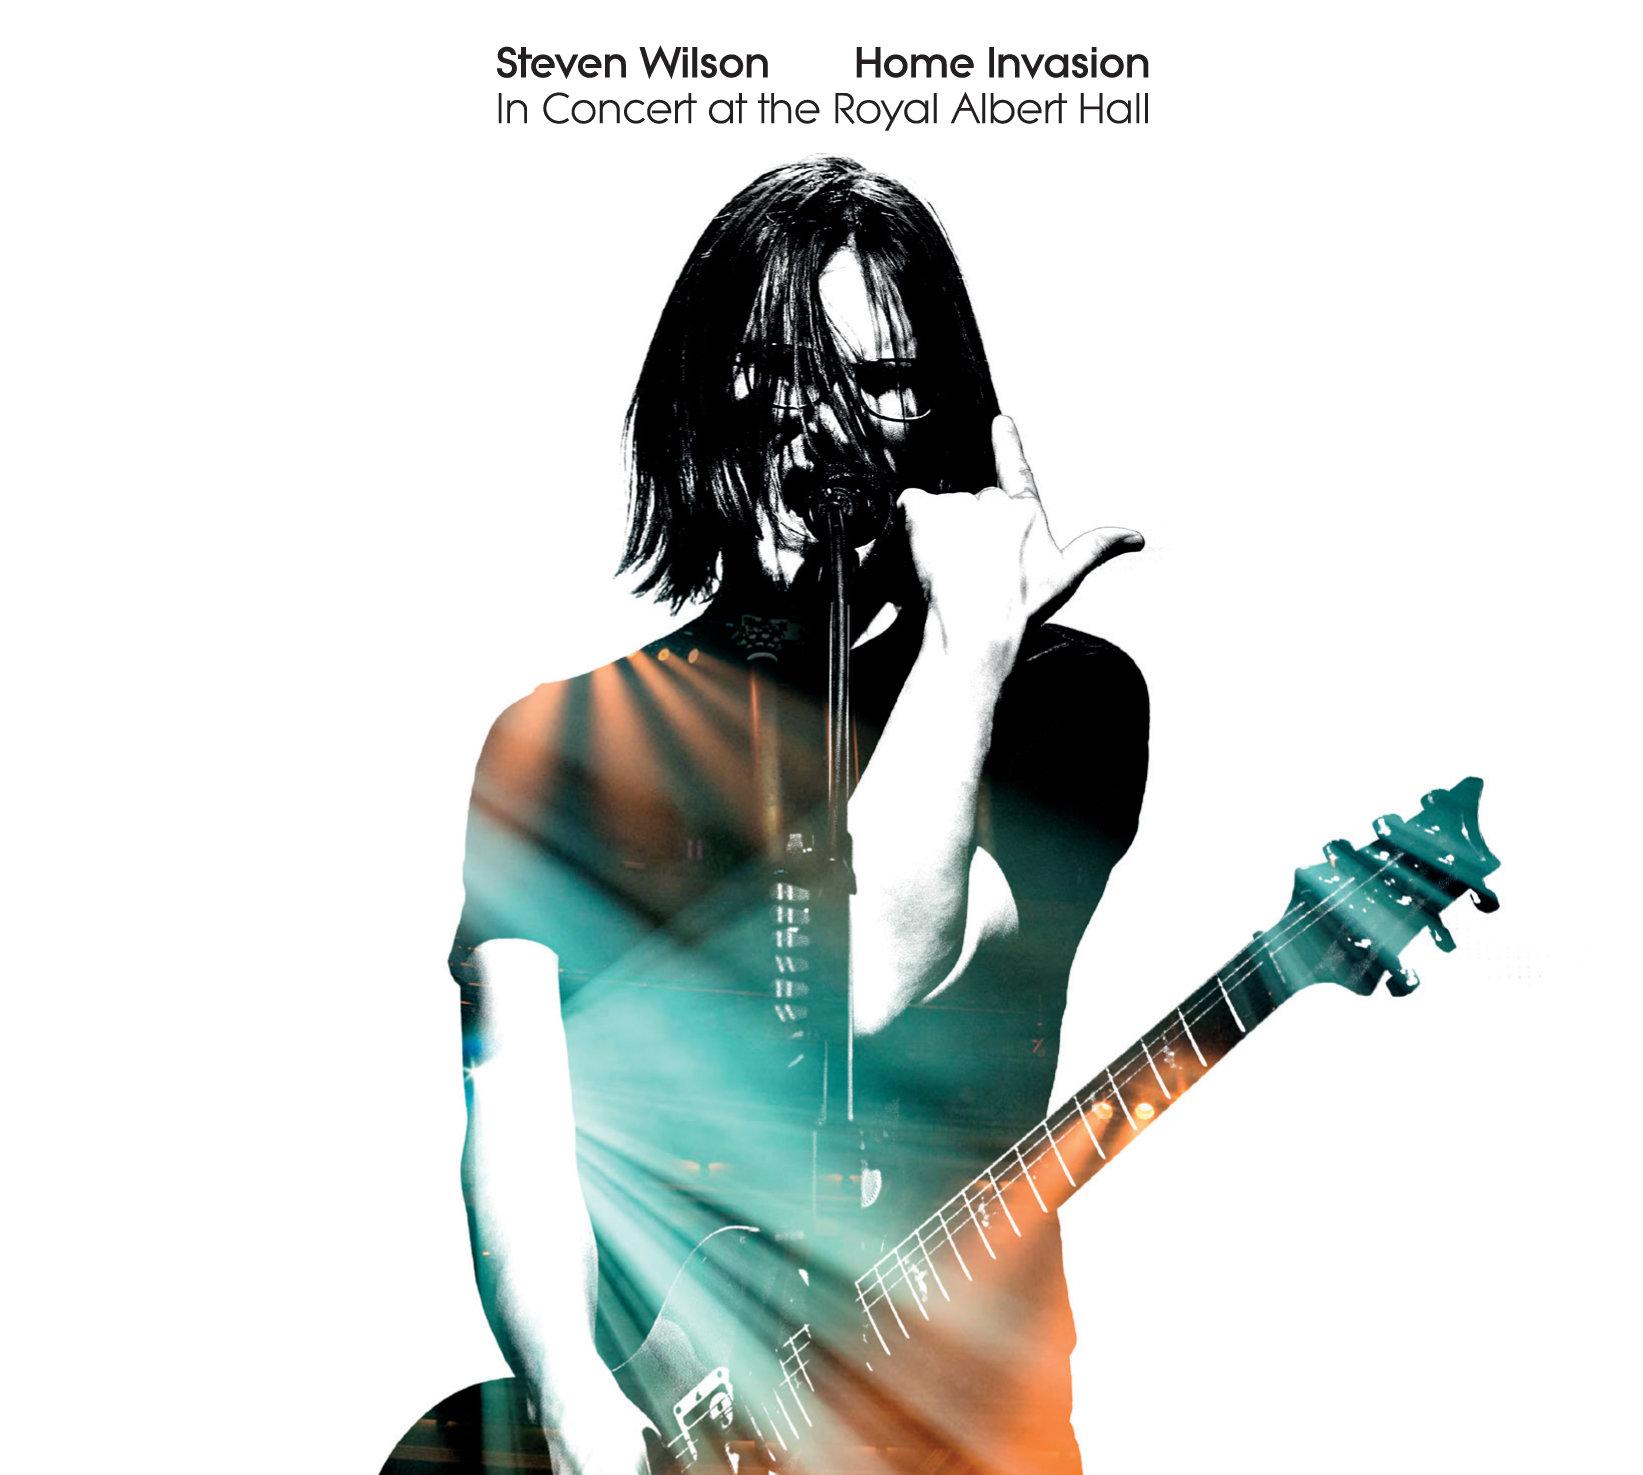 STEVEN WILSON - Home Invasion